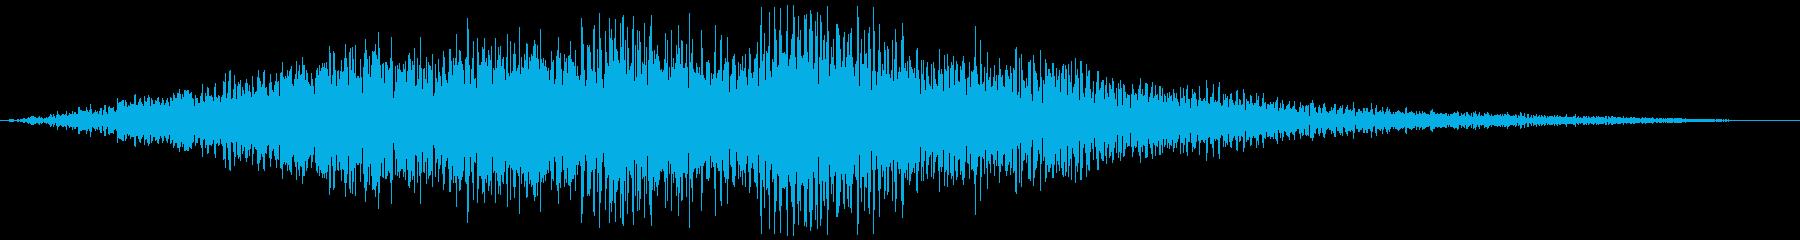 コンピュータの電子音、効果音_02の再生済みの波形